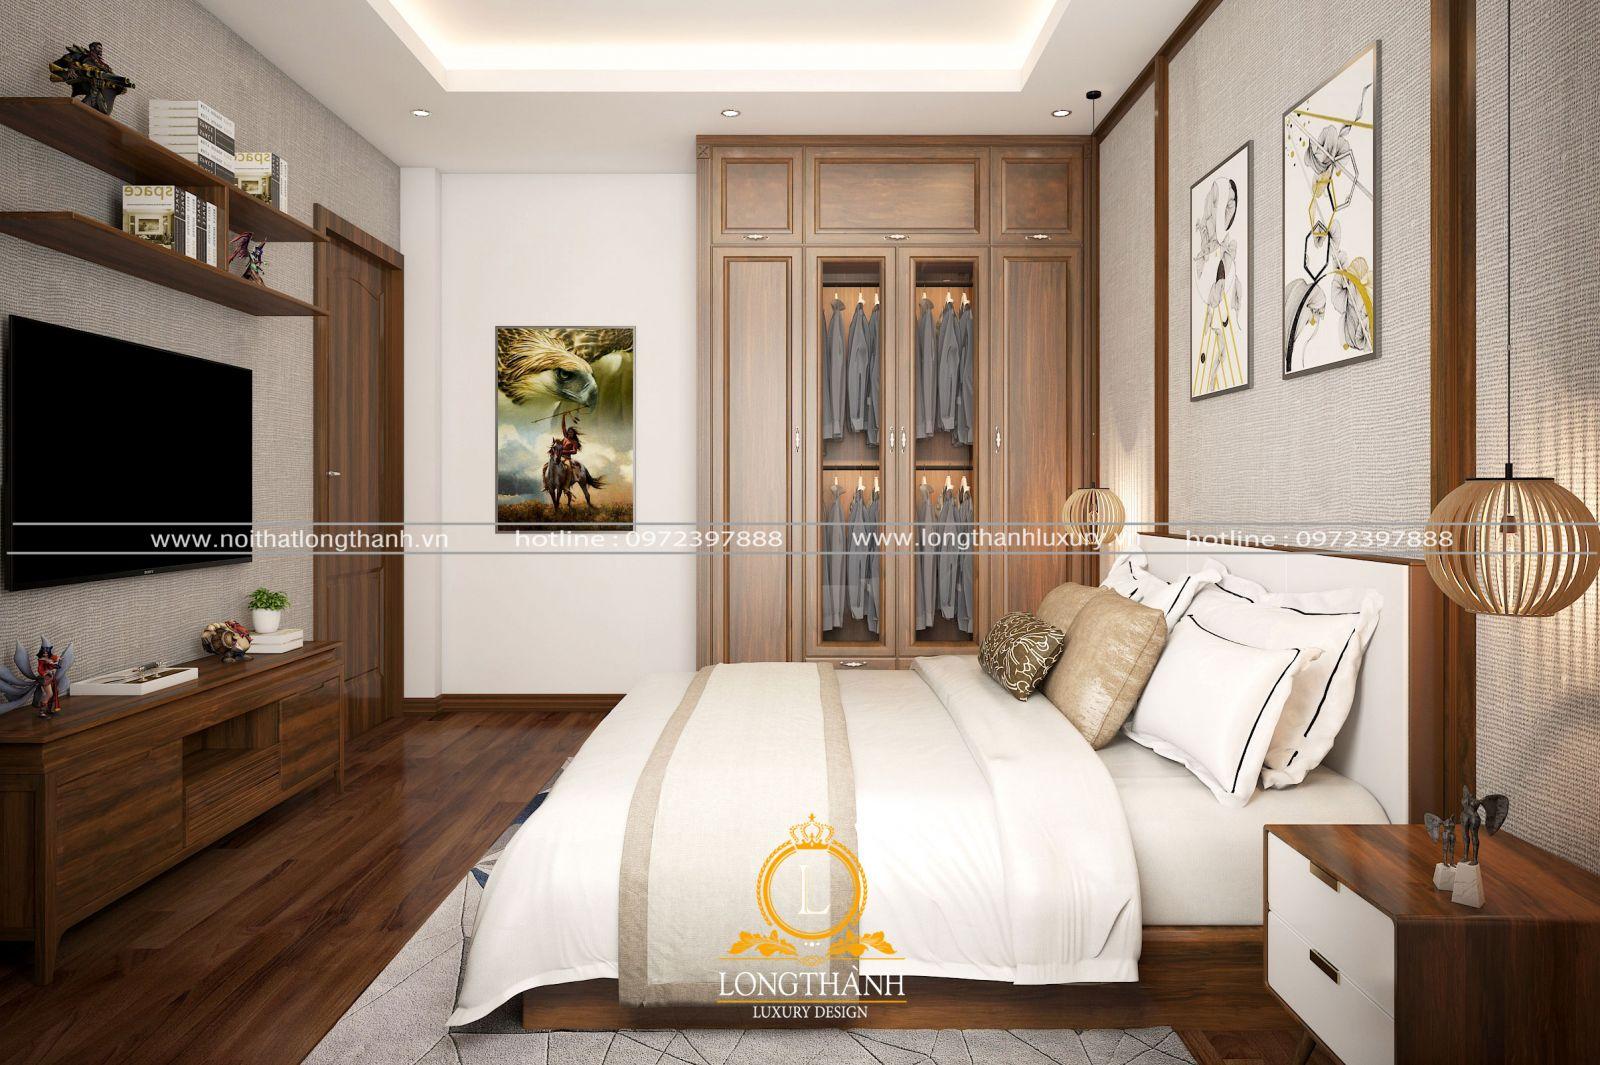 Nội thất phòng ngủ hiện đại cho căn hộ chung cư